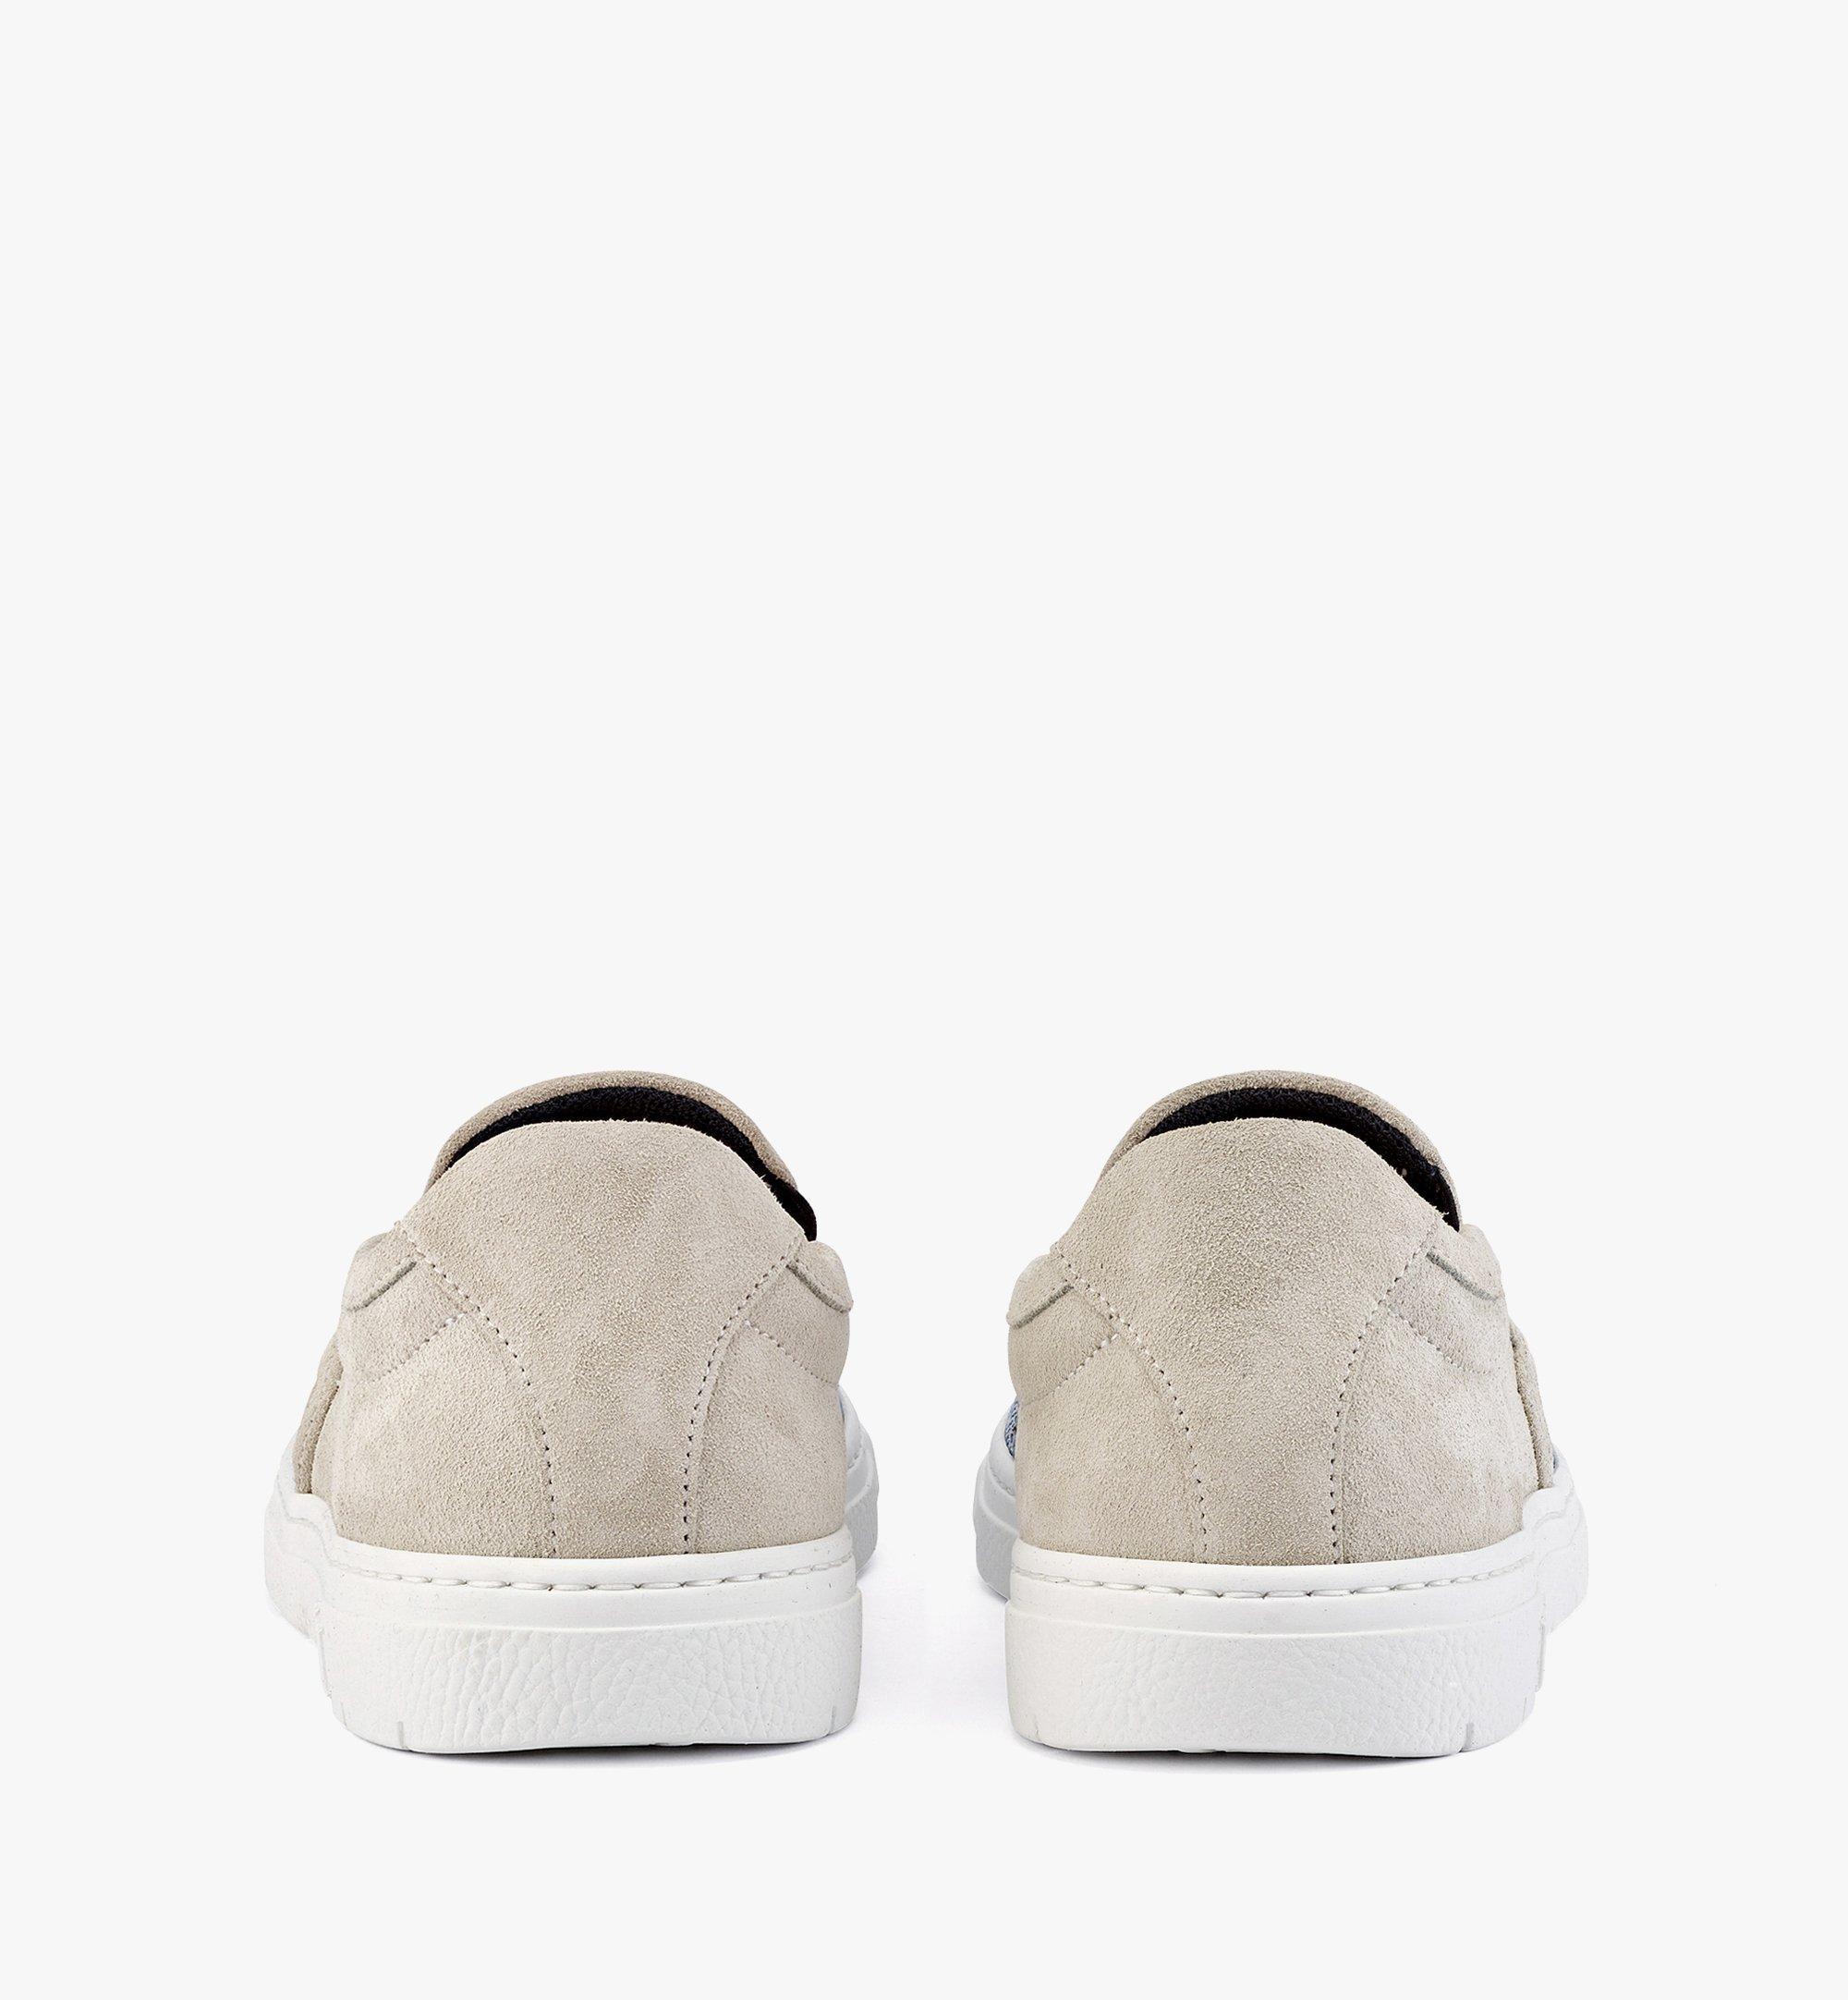 MCM Women's Slip-on Sneakers in Vintage Jacquard Monogram Blue MESBATQ05LU036 Alternate View 2